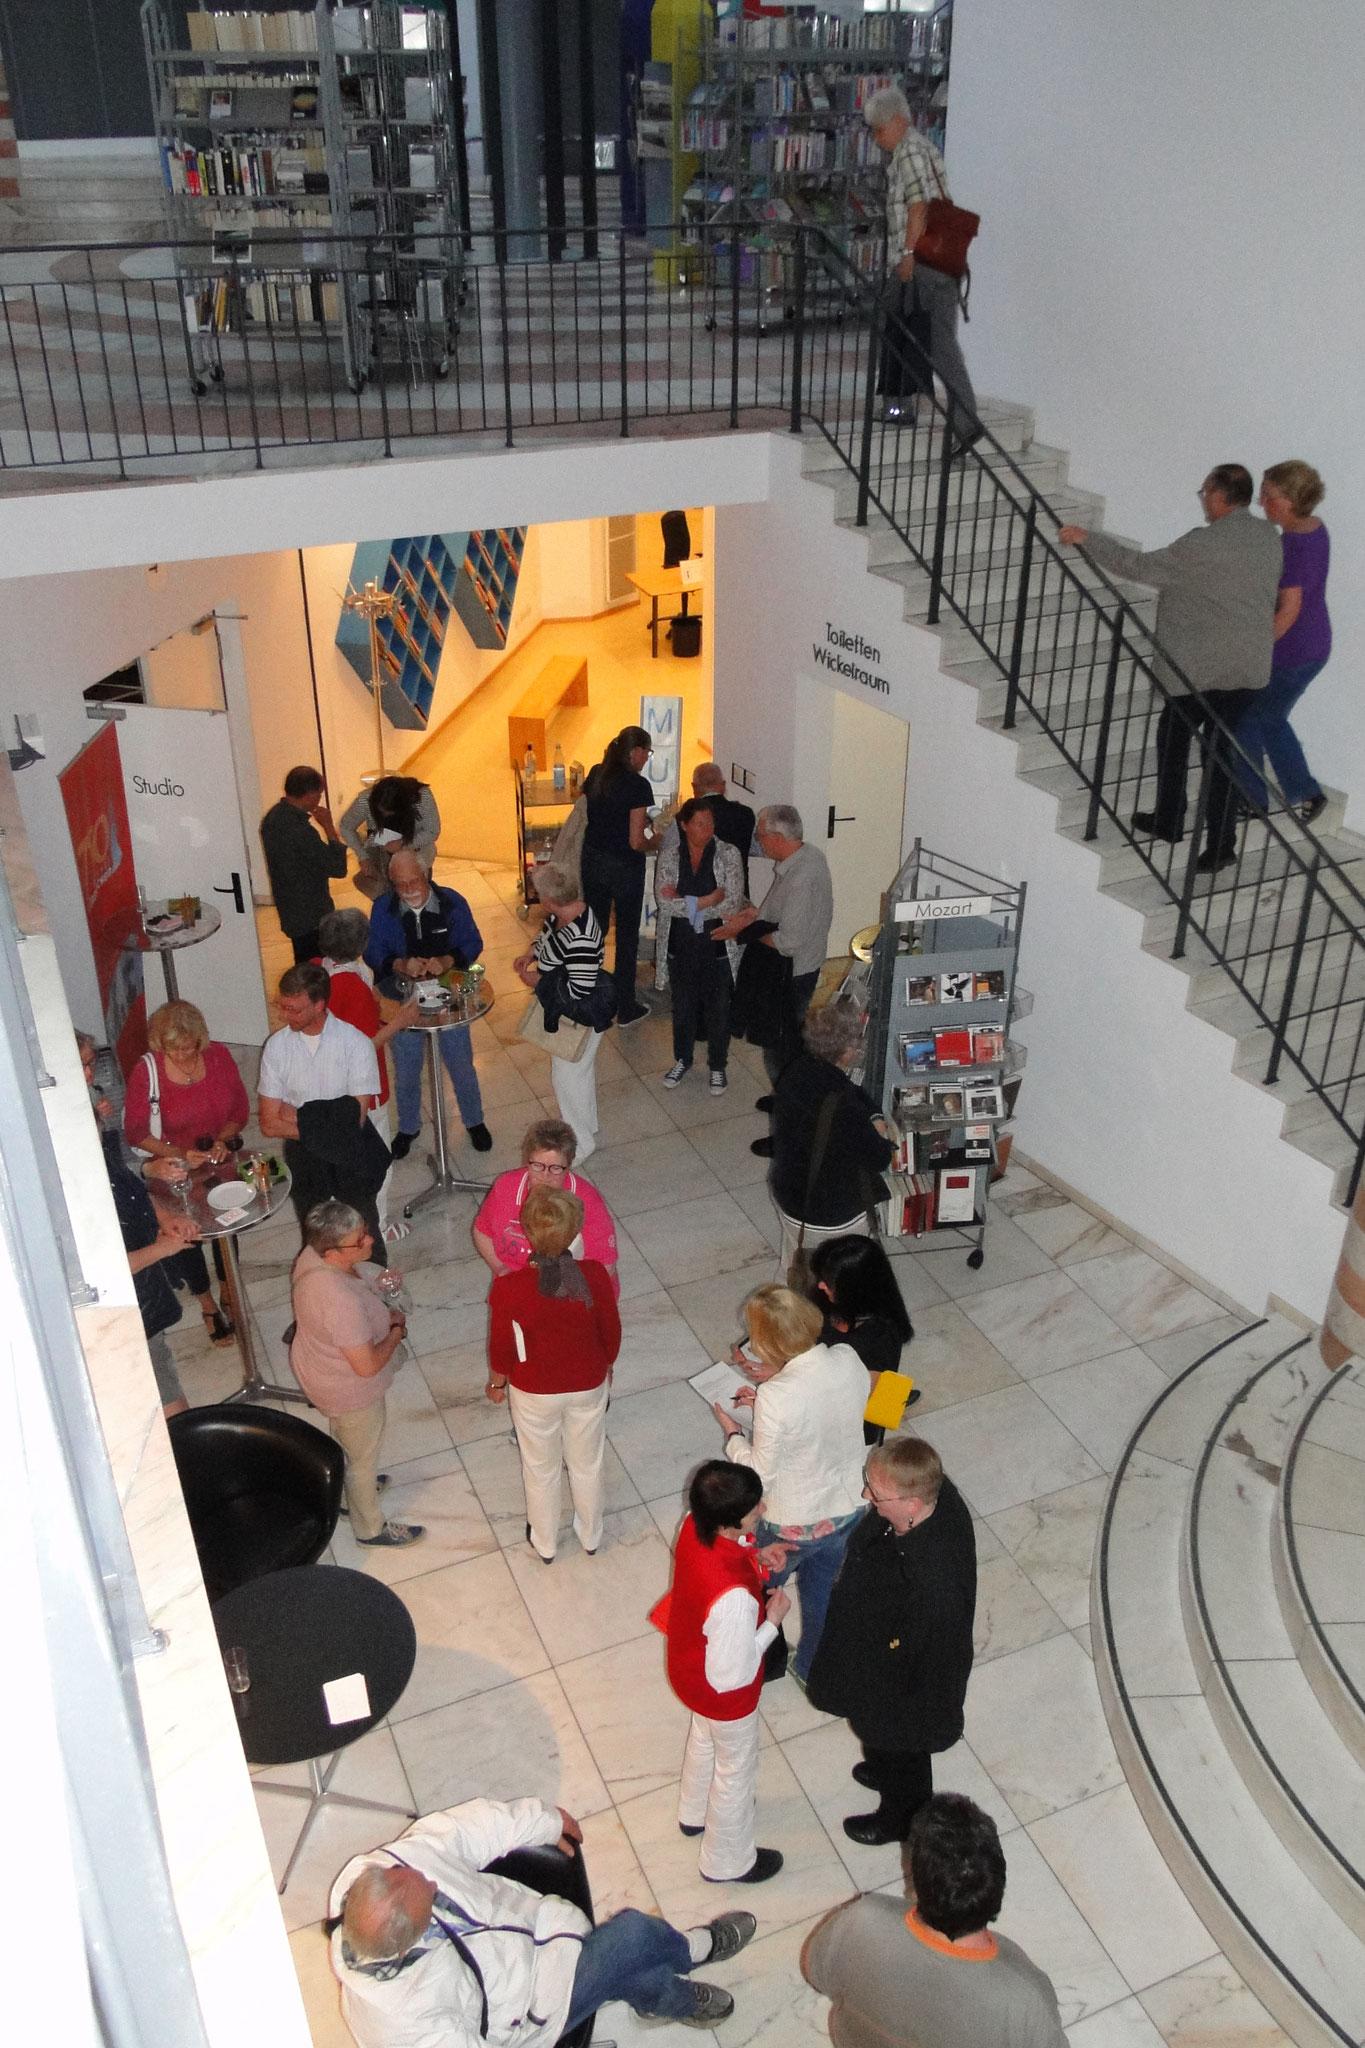 Offene Lesebühne für Hobbyautoren in der Stadtbücherei Lüdenscheid. Nach der Lesung